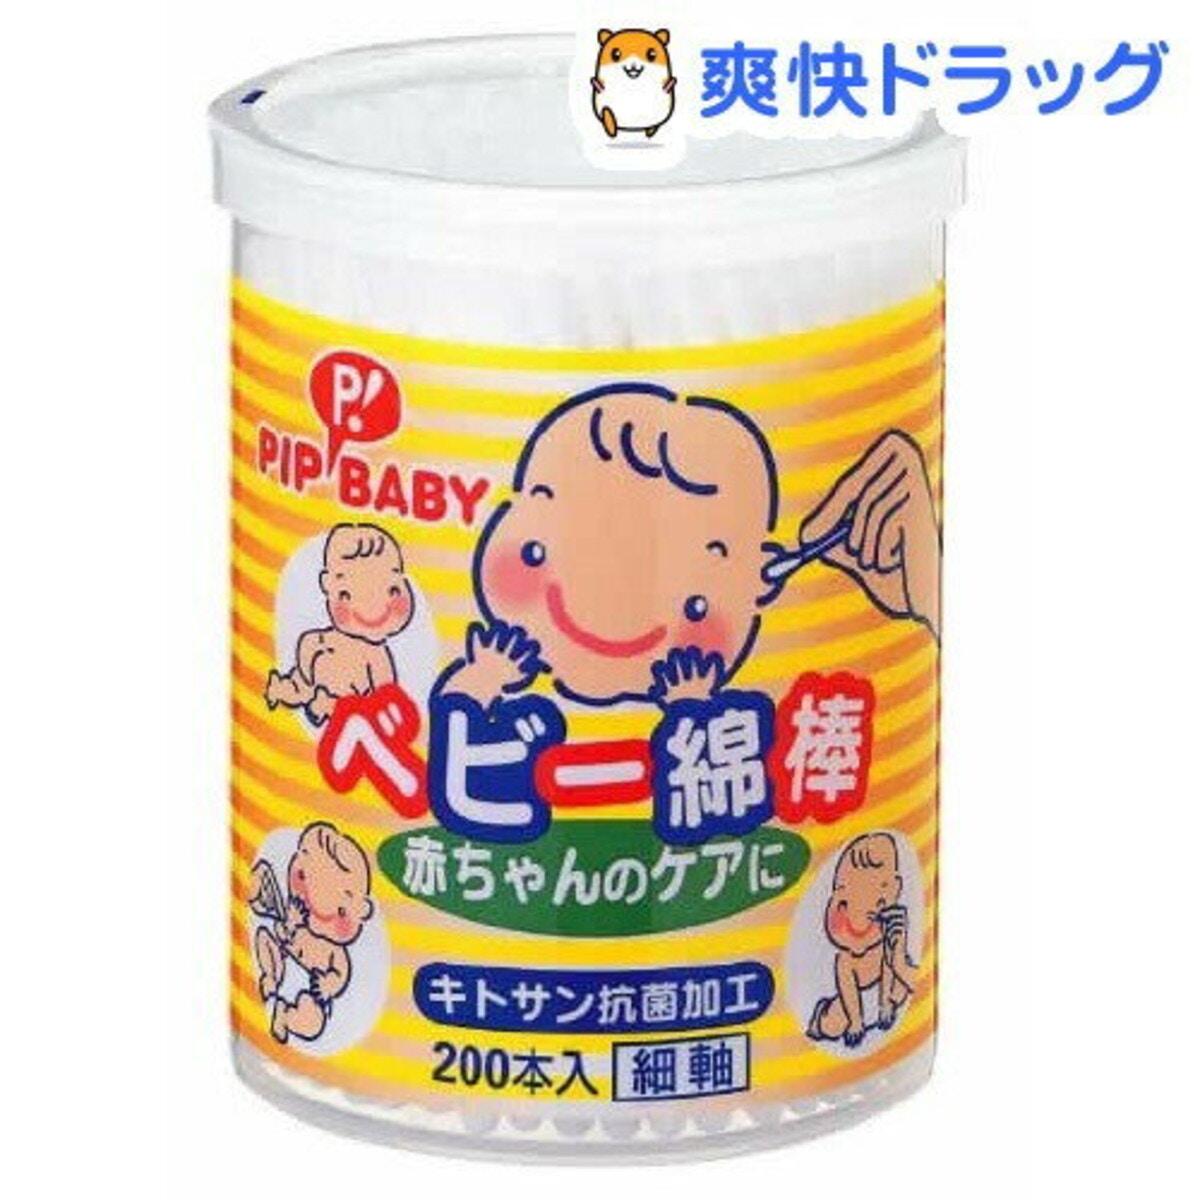 ピップベビー 綿棒 キトサン抗菌加工 細軸(200本入)